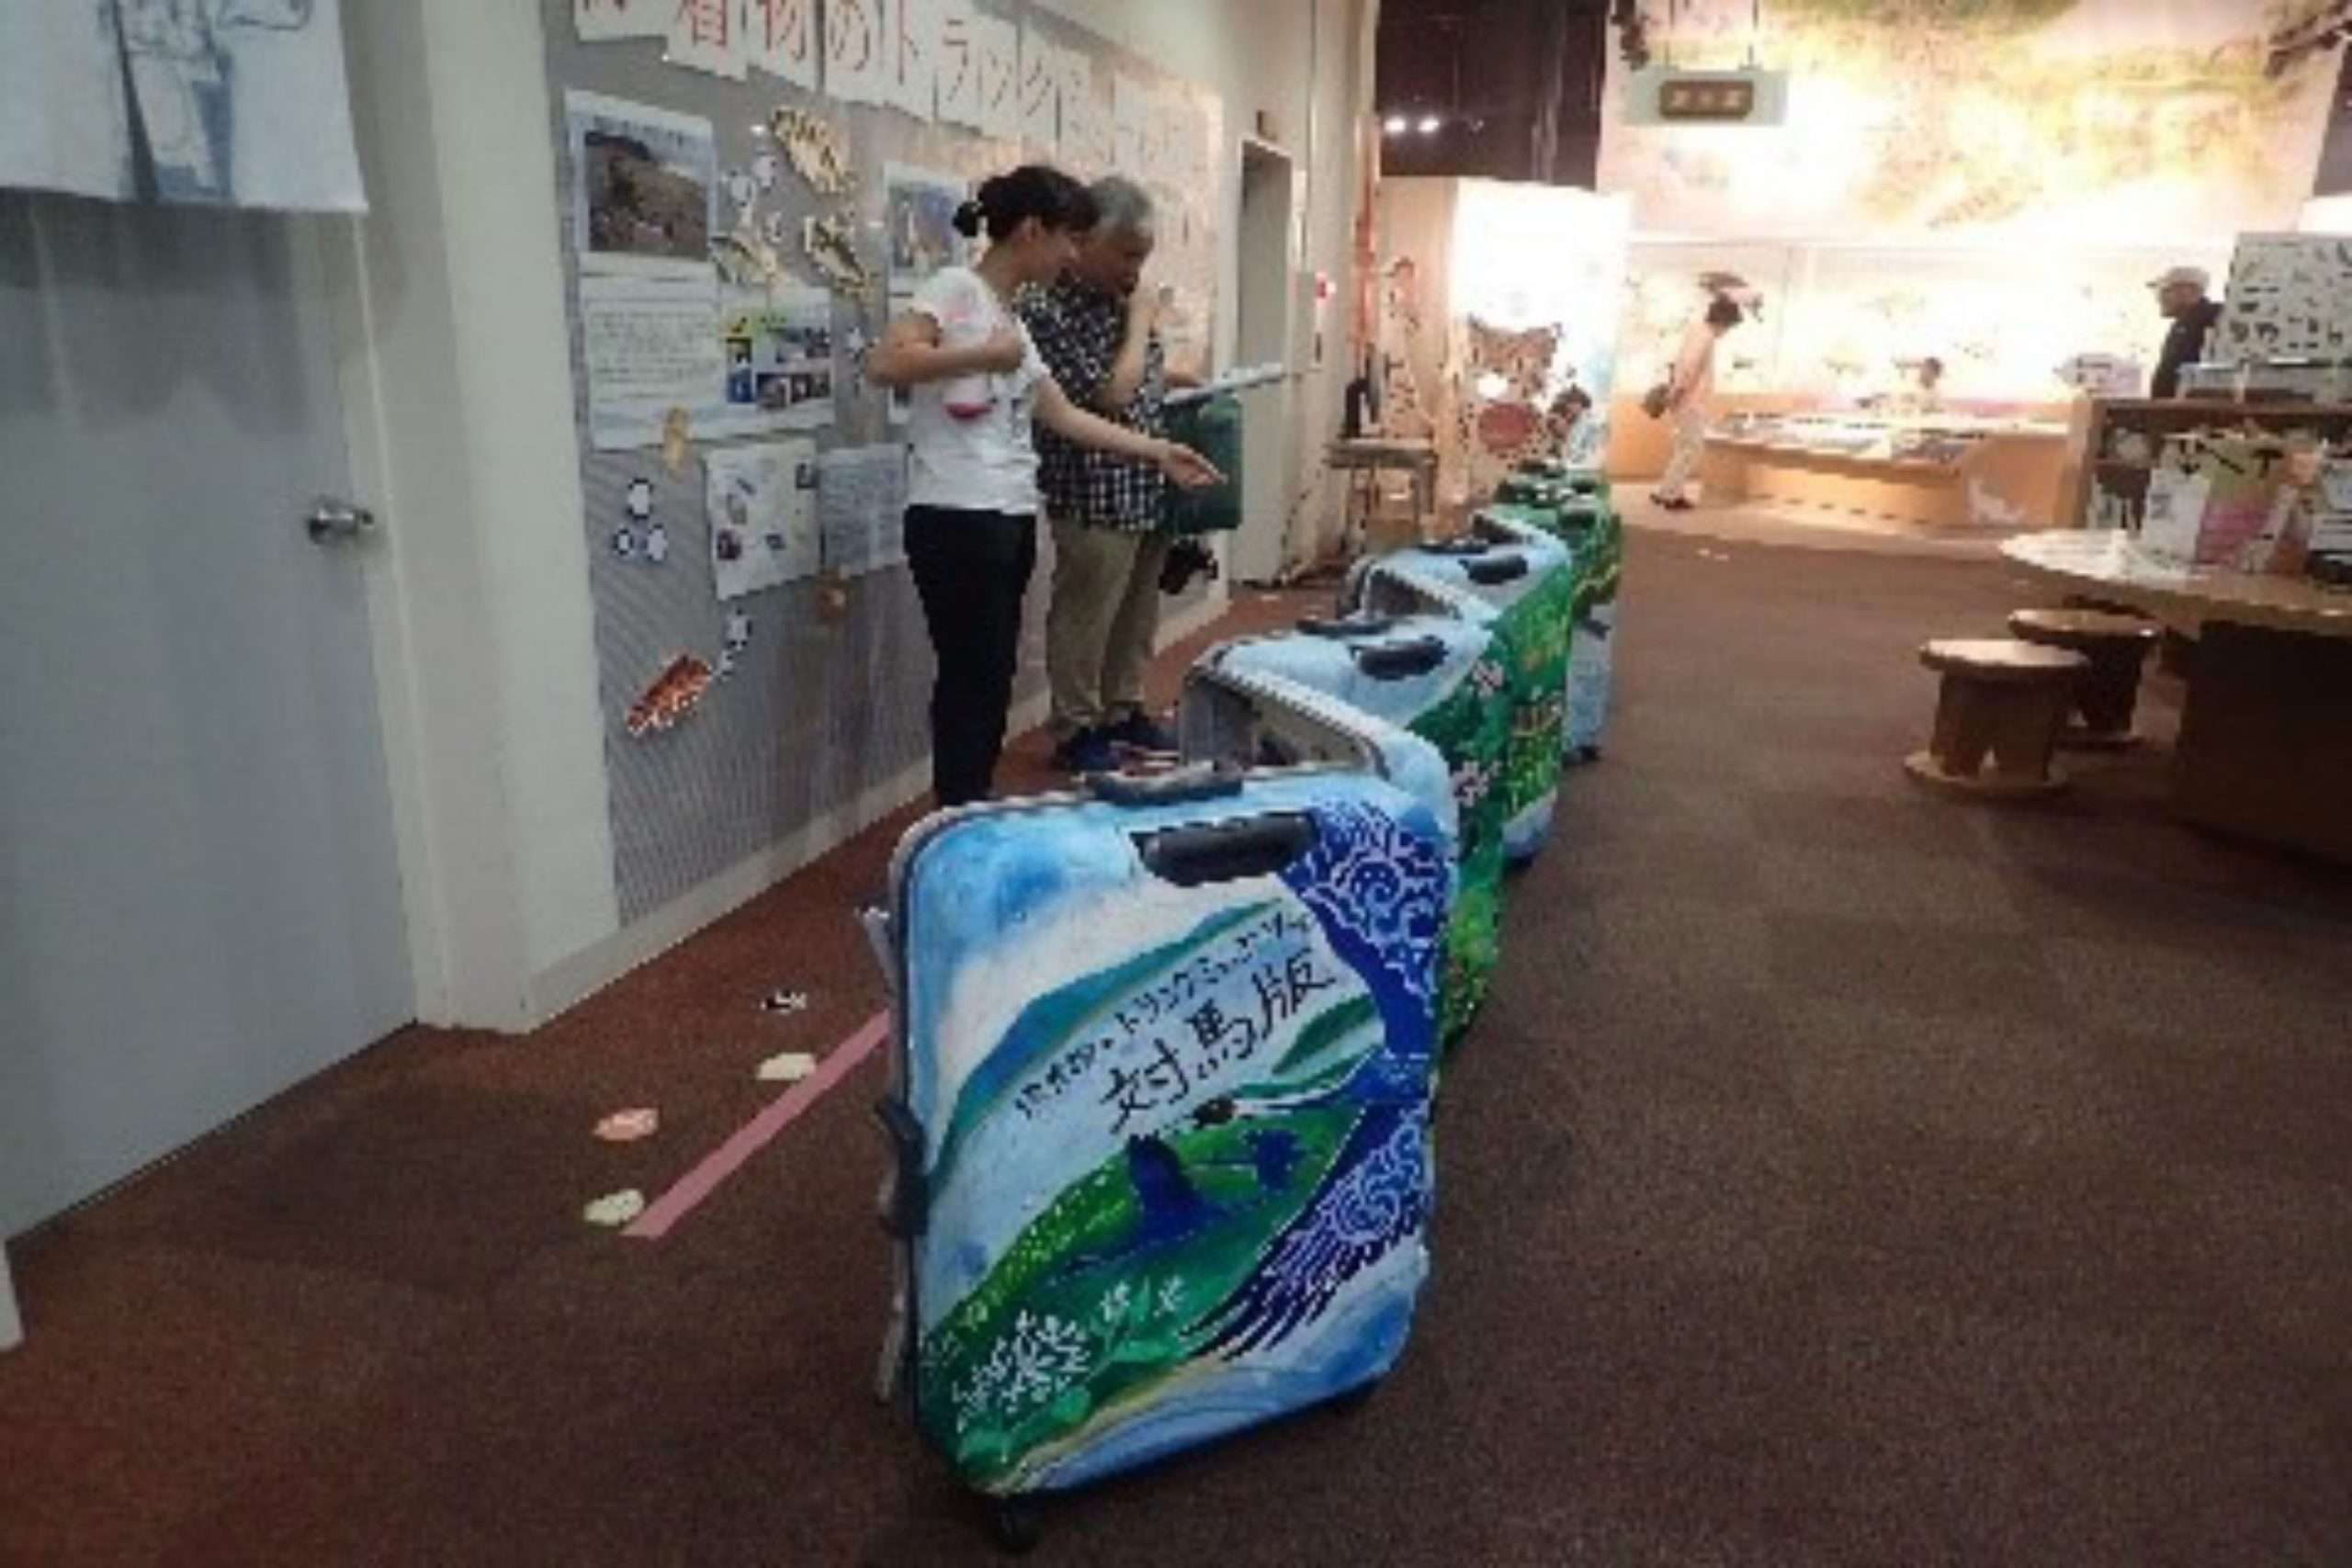 対馬野生生物保護センターで、漂着物のトランク・ミュージアム®対馬版を展示